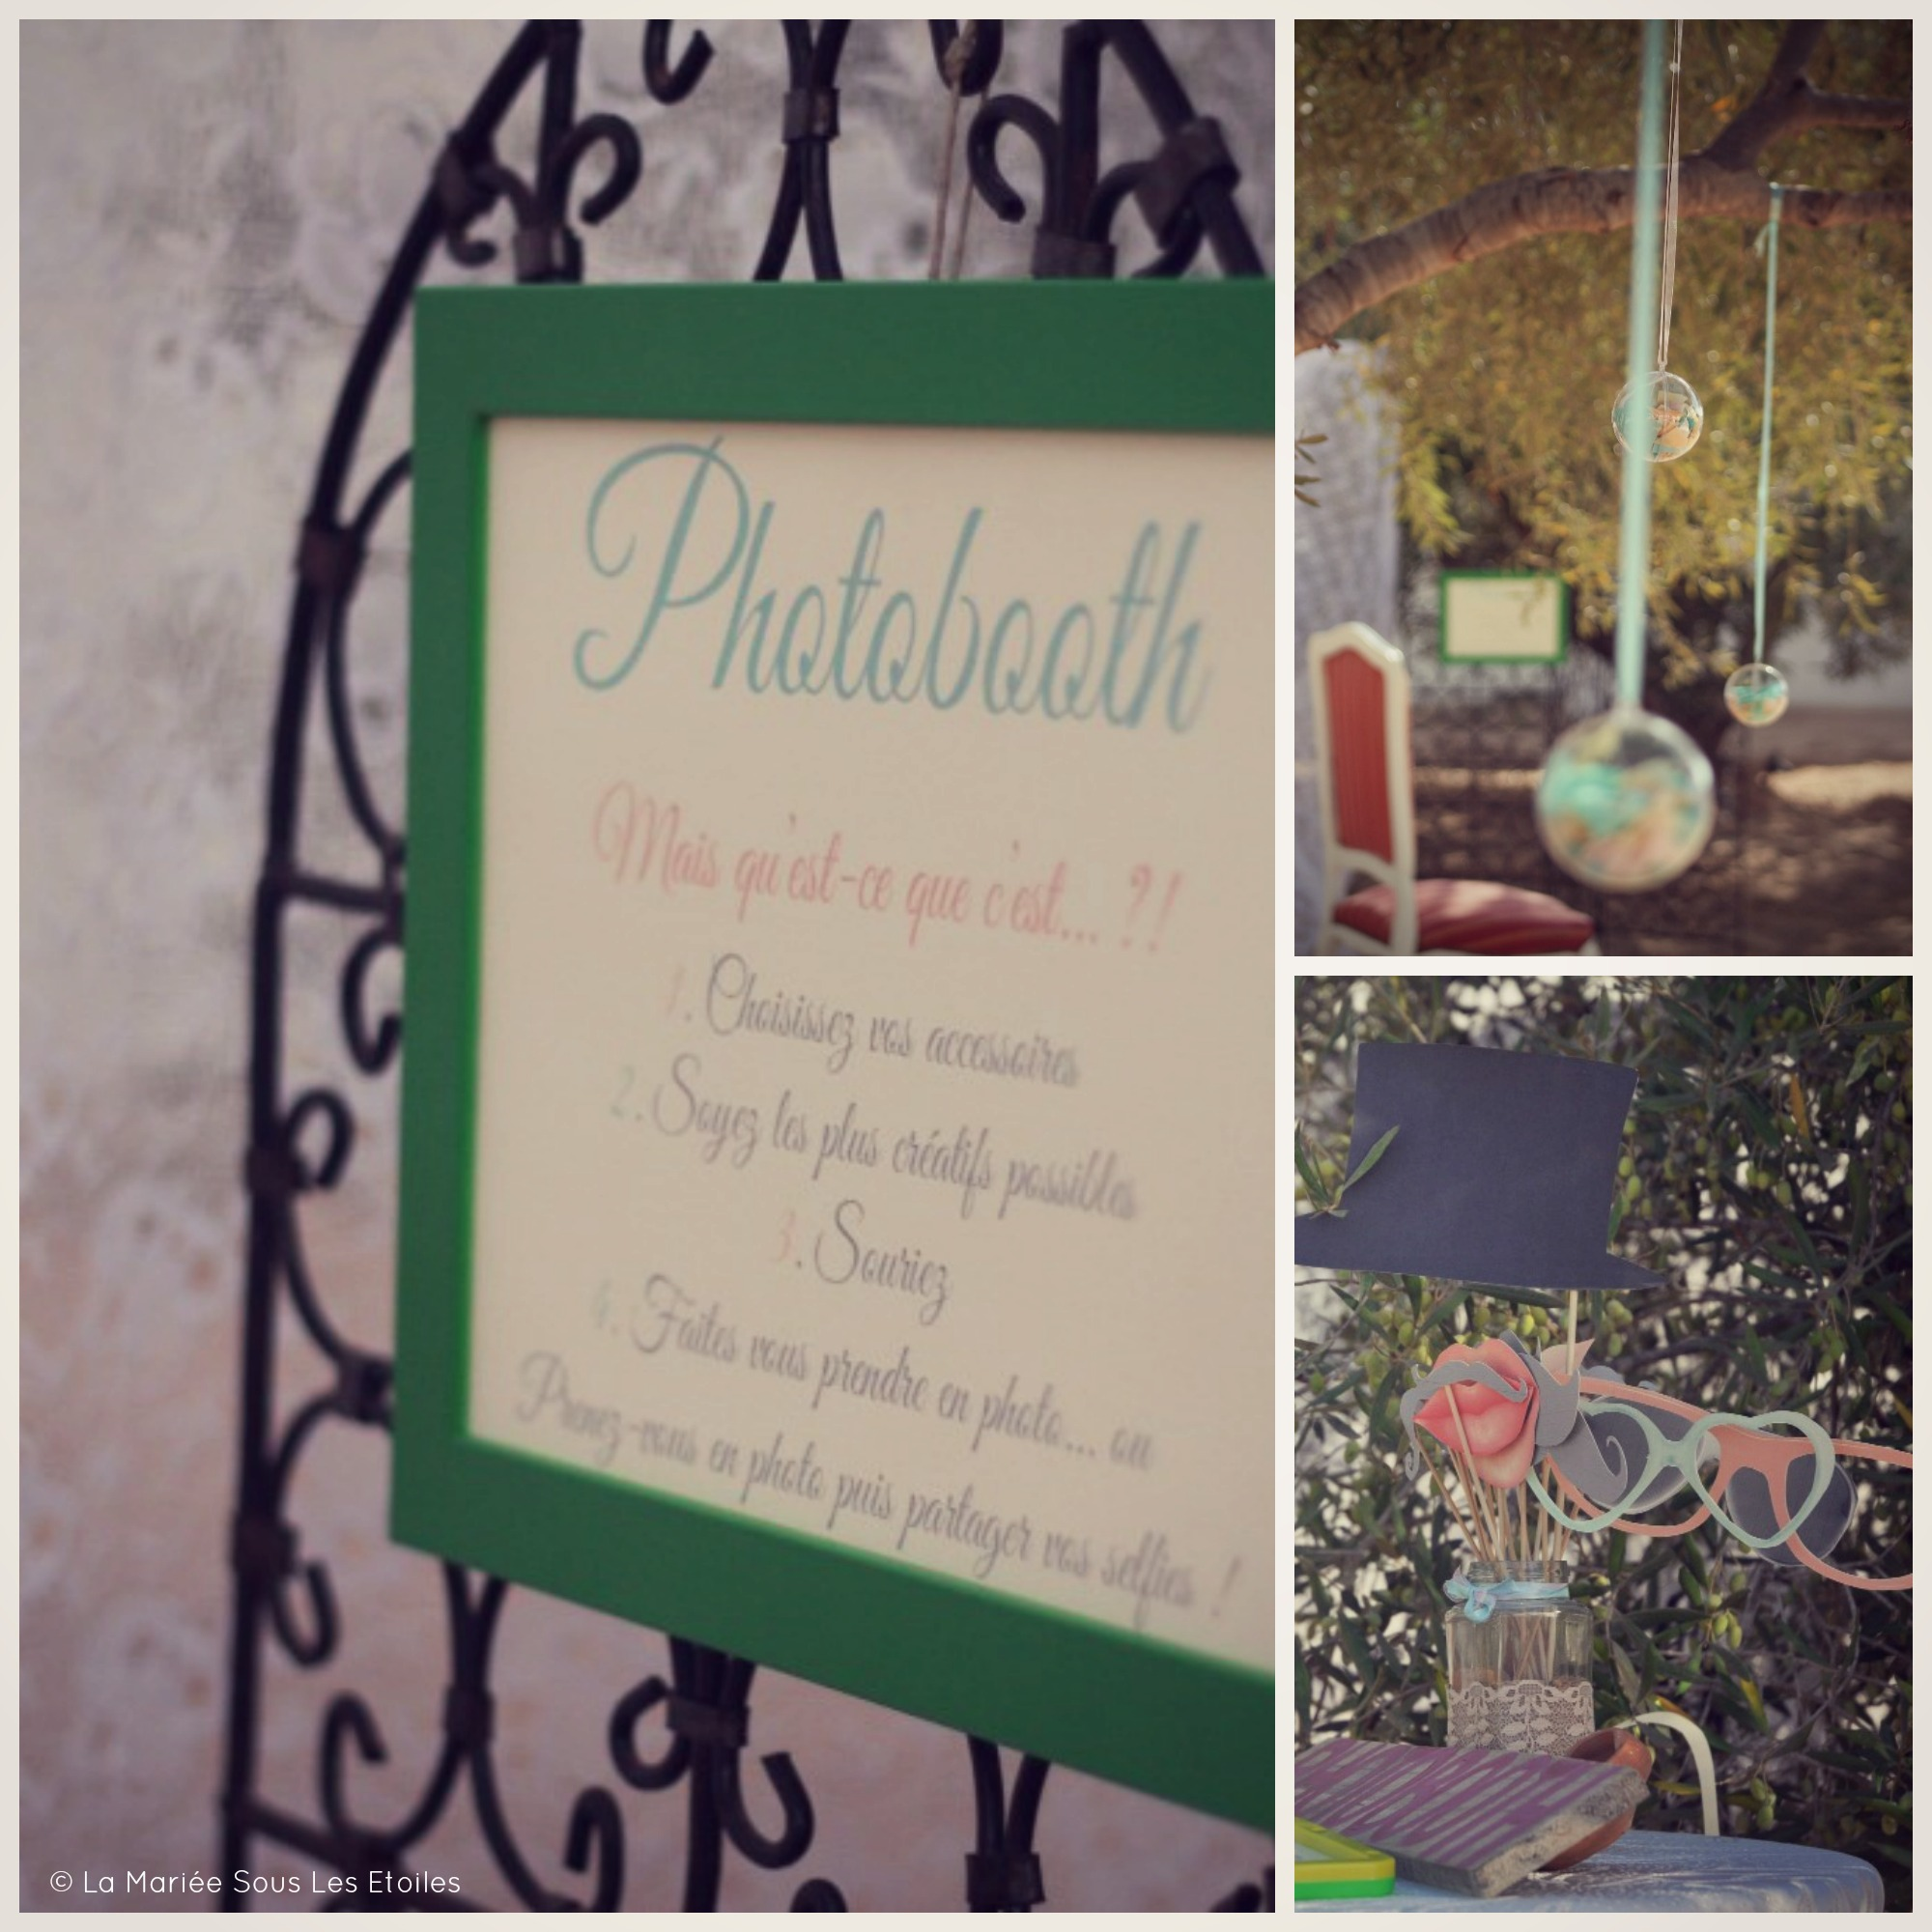 Sélection tendance d'animations mariage | Photobooth Mariage présenté par La Mariée Sous Les Etoiles